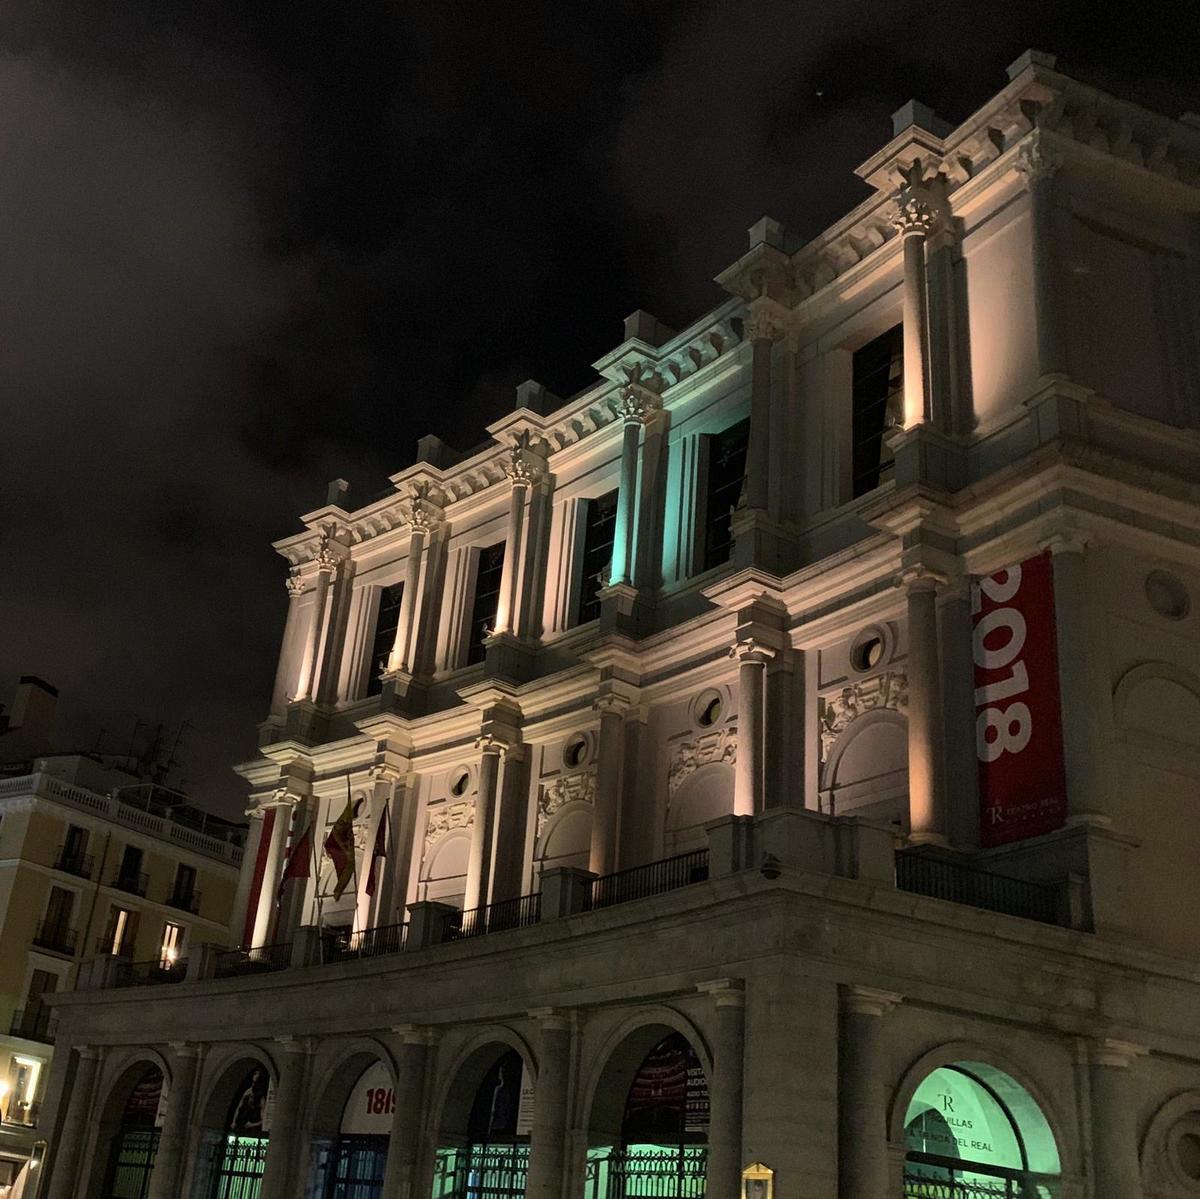 1月31日本應是享譽全球的「世界第一秀」神韻在西班牙馬德里皇家劇院隆重上演的日子,但是劇院突然單方面因「技術原因」取消演出。這一天,馬德里市內大罷工,交通混亂,天氣陰沉,狂風呼嘯。圖為馬德里皇家劇院。(Normann Bjorvand/大紀元)